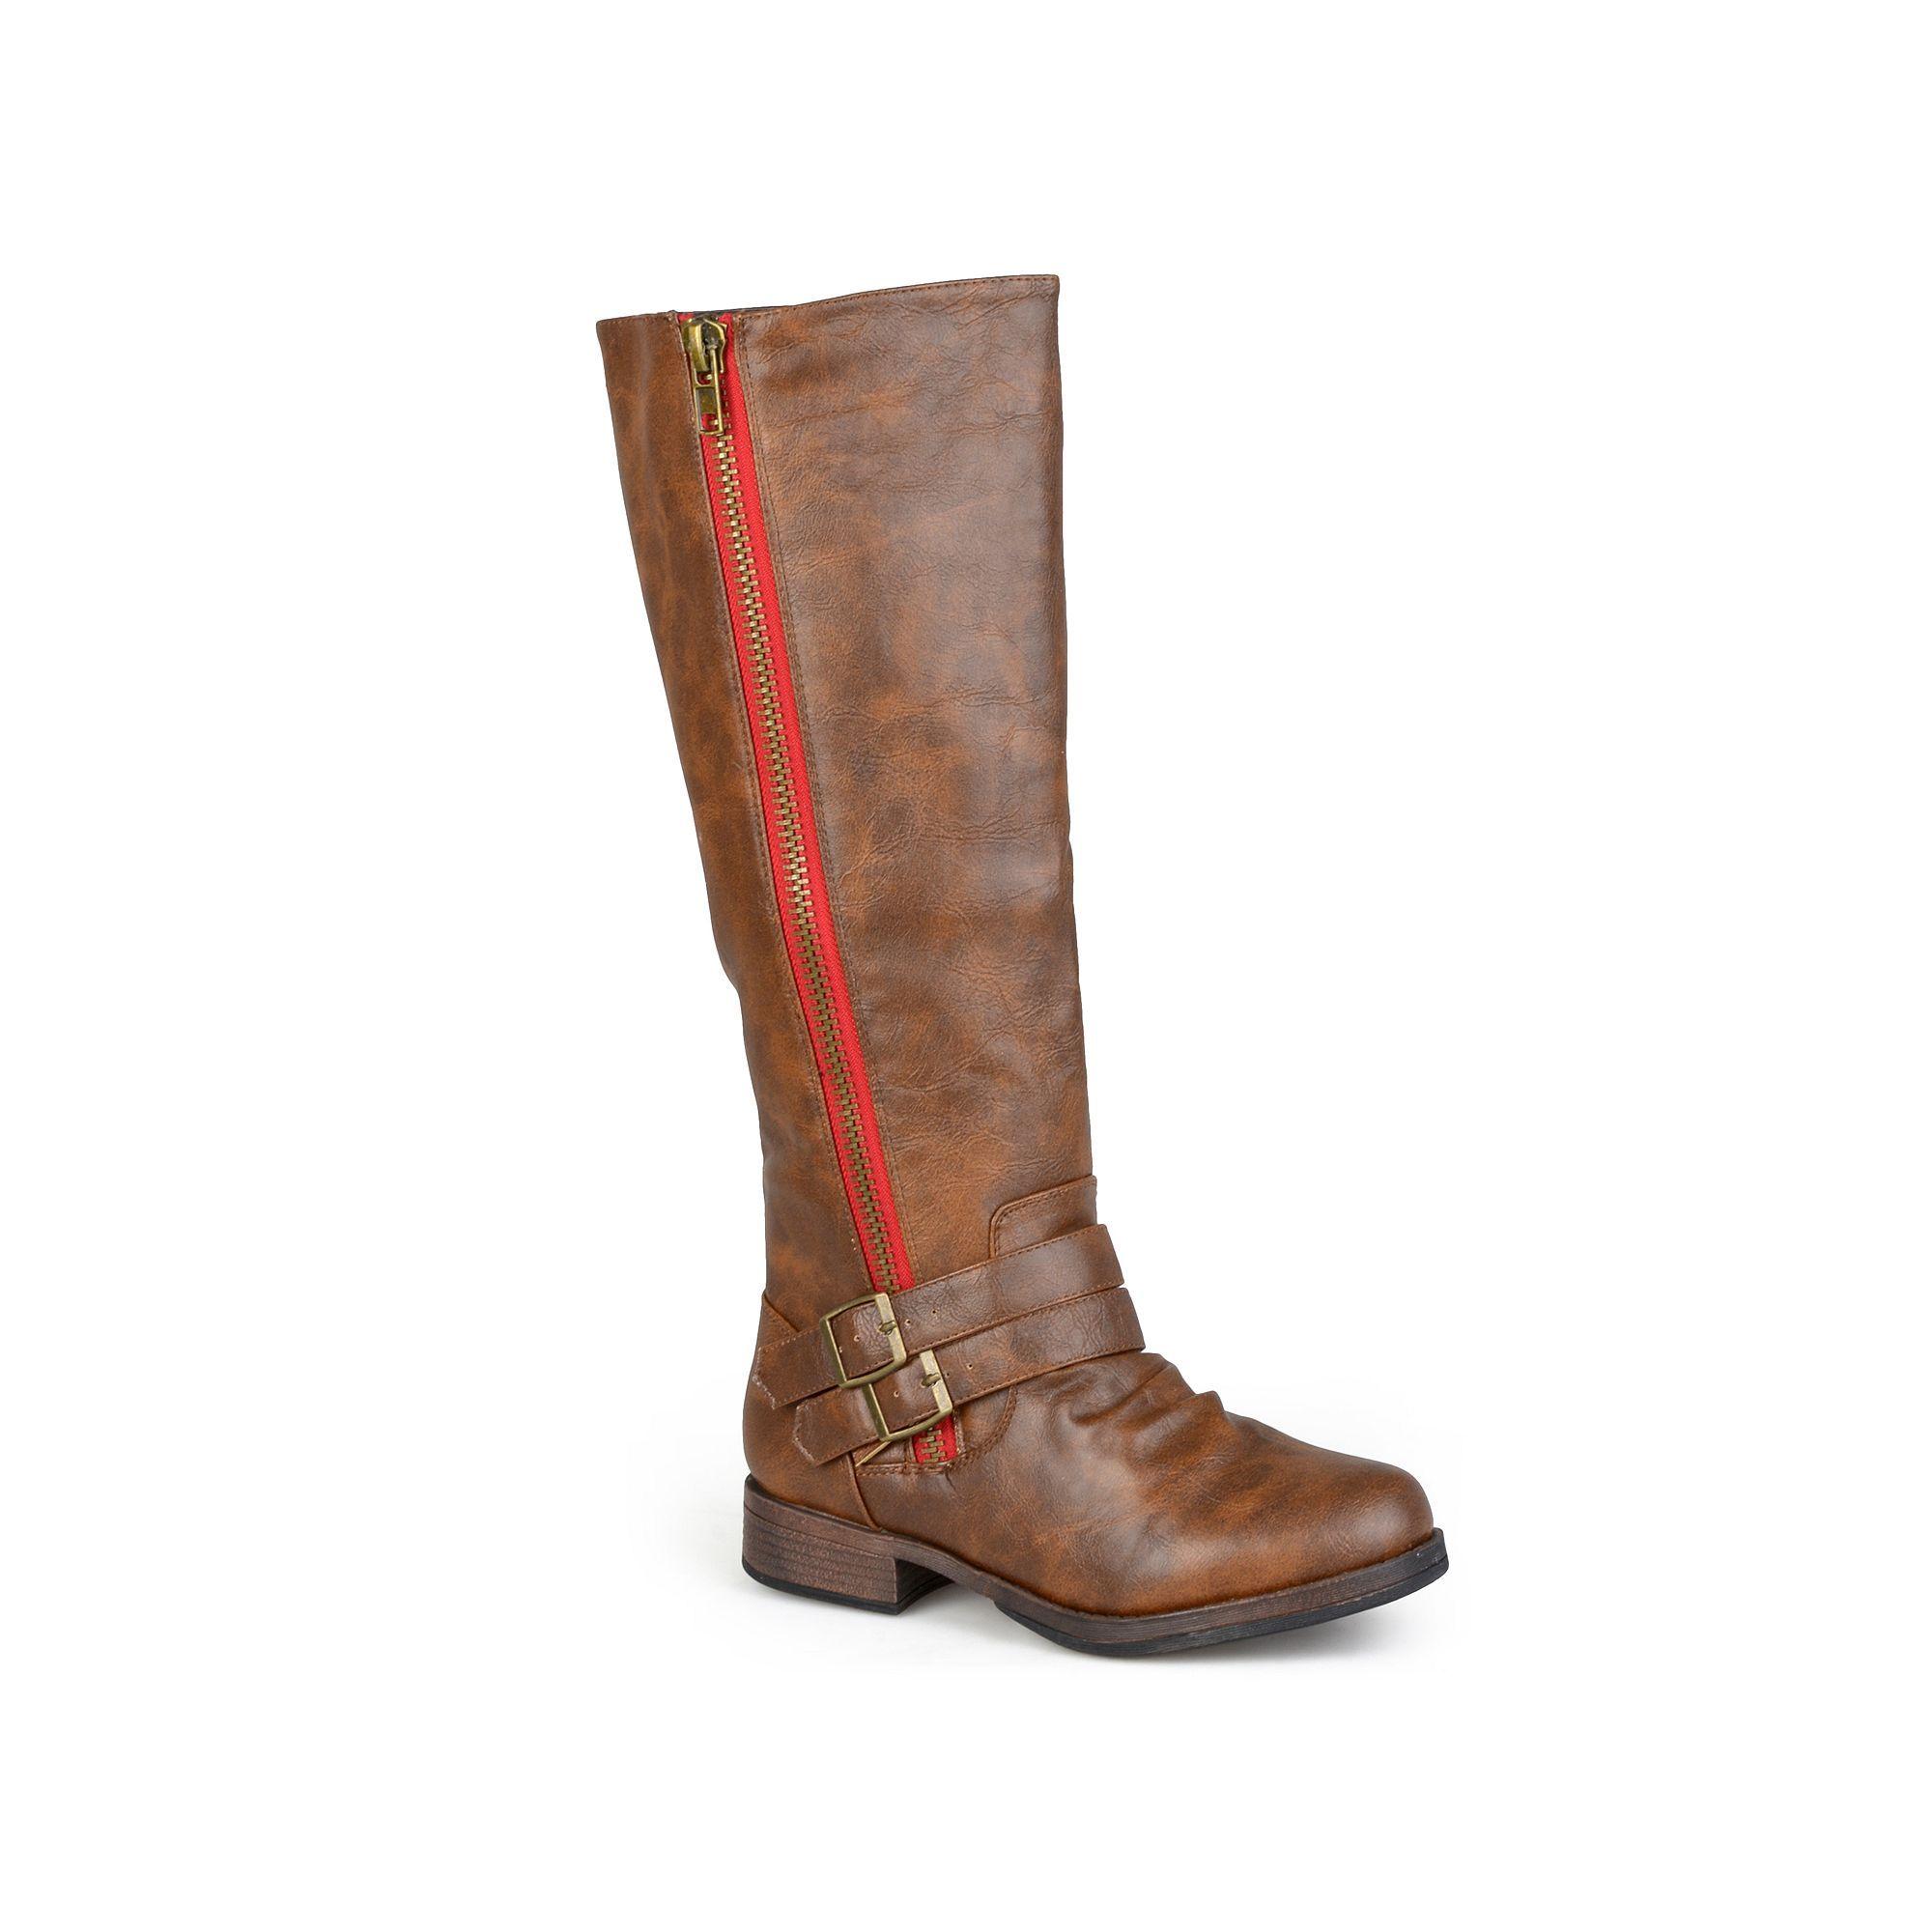 e7d86d7e83b5b Journee Collection Lady Women s Knee-High Boots